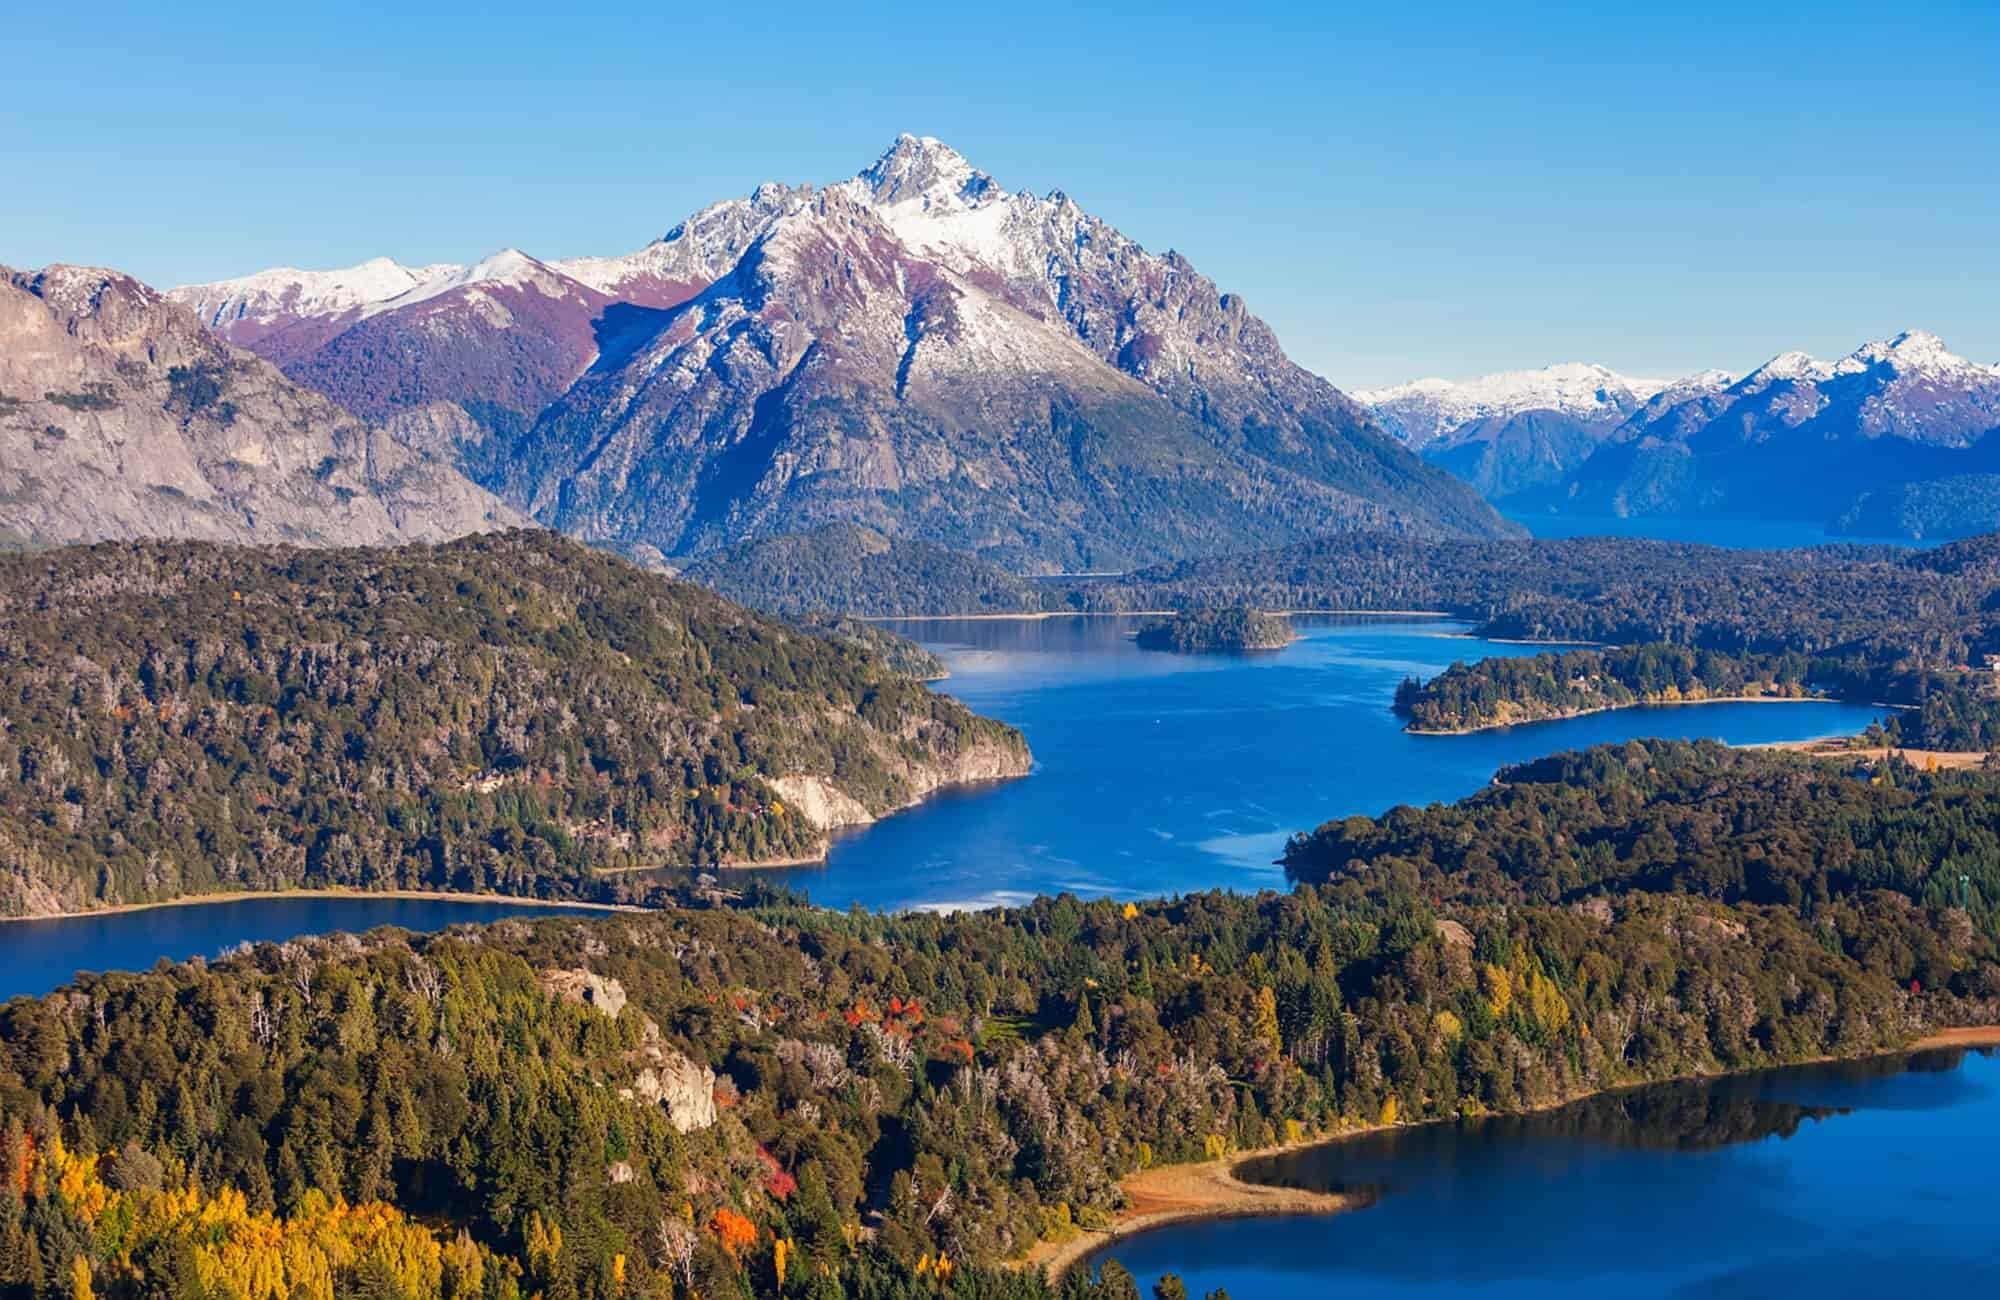 Voyage en Argentine - Route des 7 lacs - Amplitudes